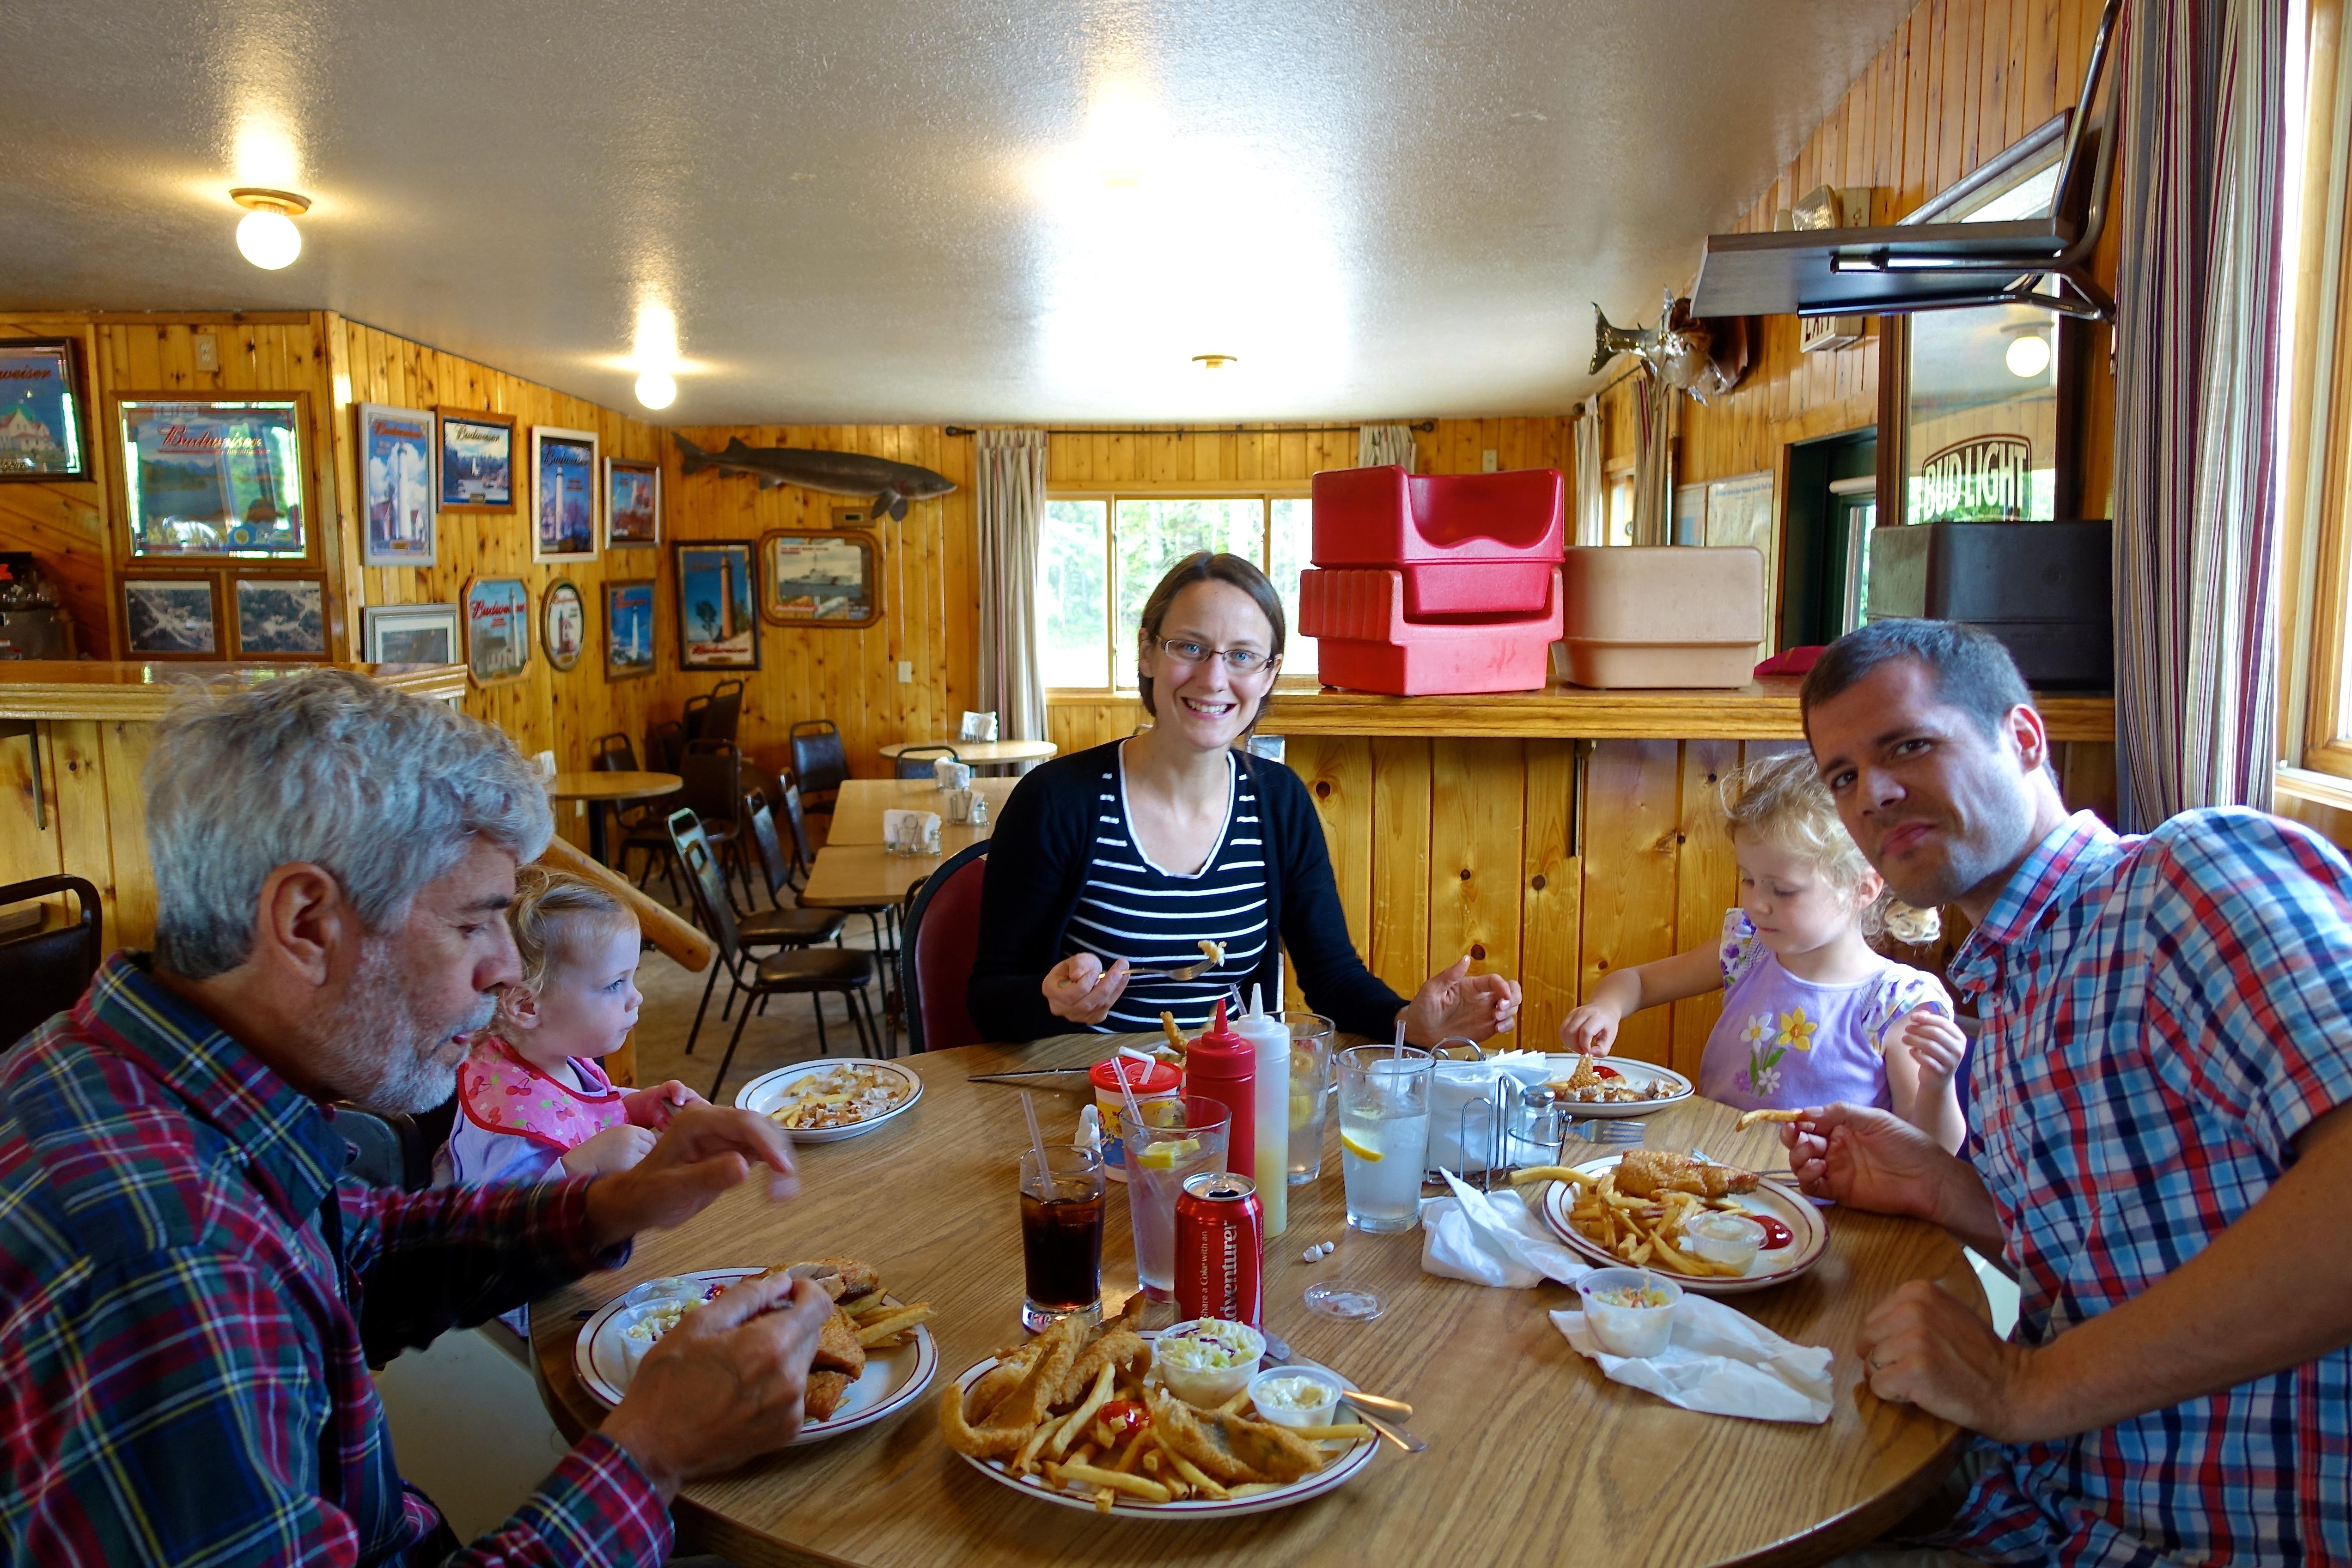 Whitefish Basket at Cozy Inn, Michigan